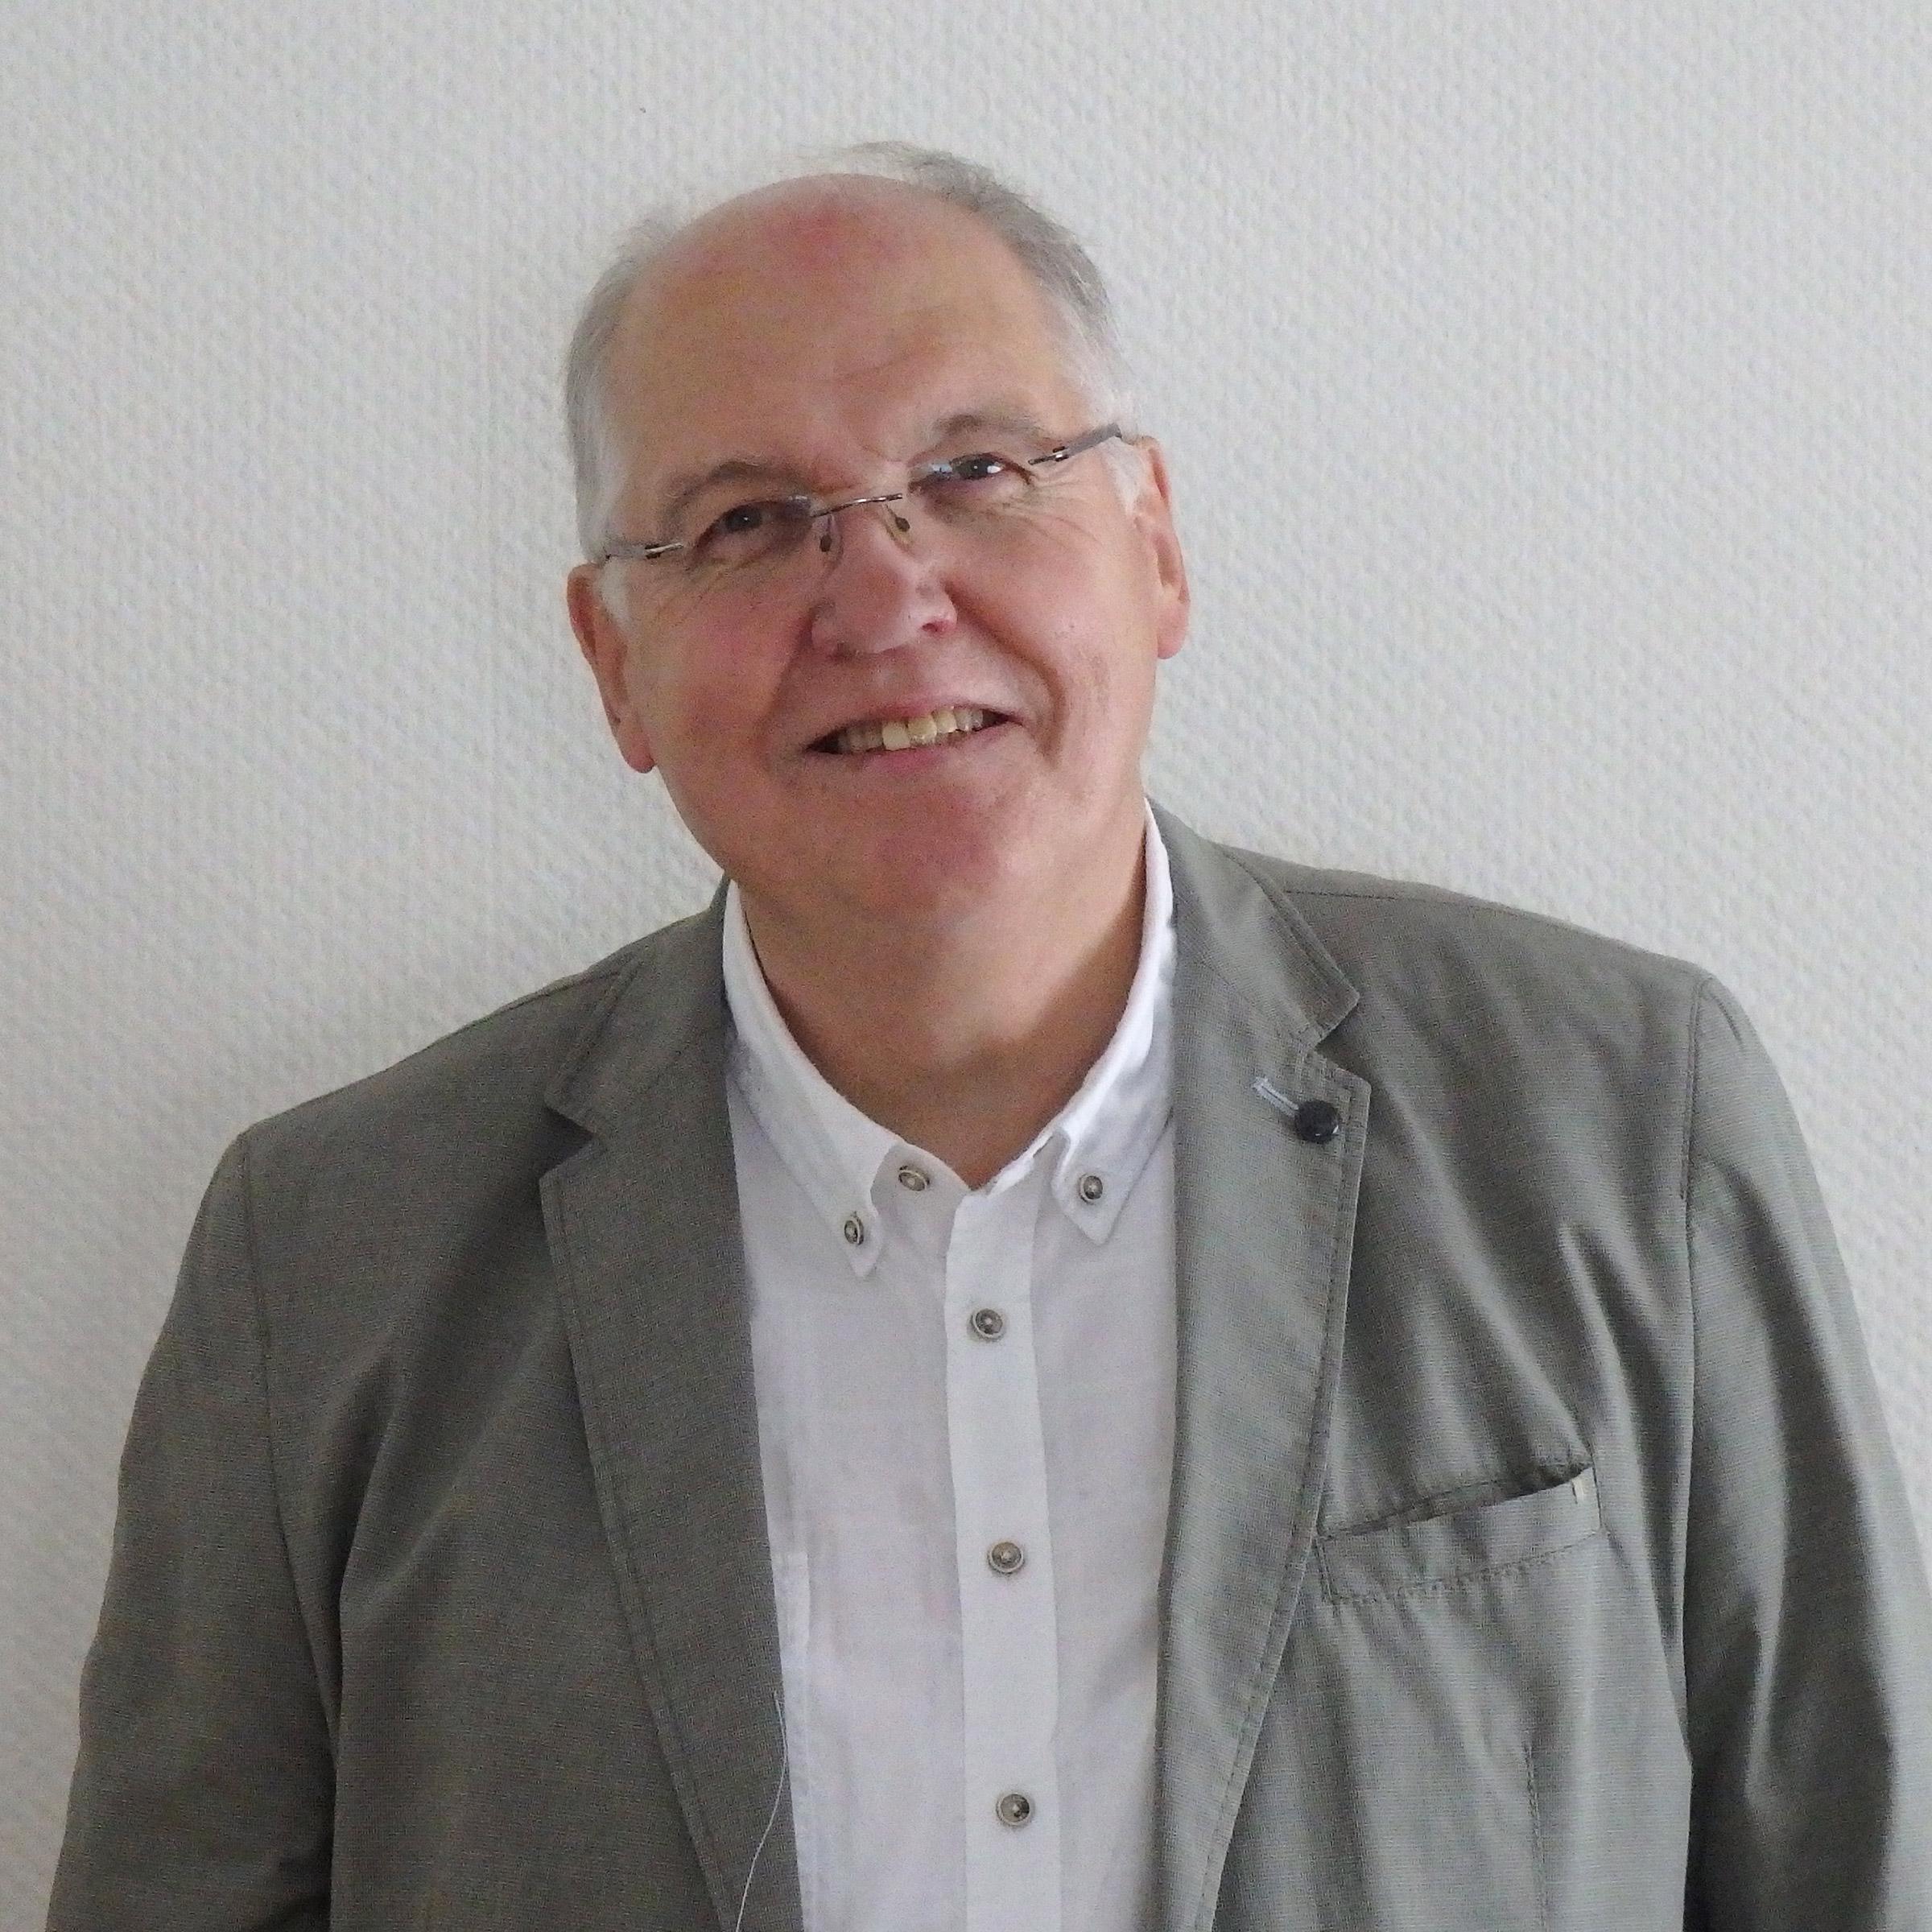 Karl-Joachim Frahm